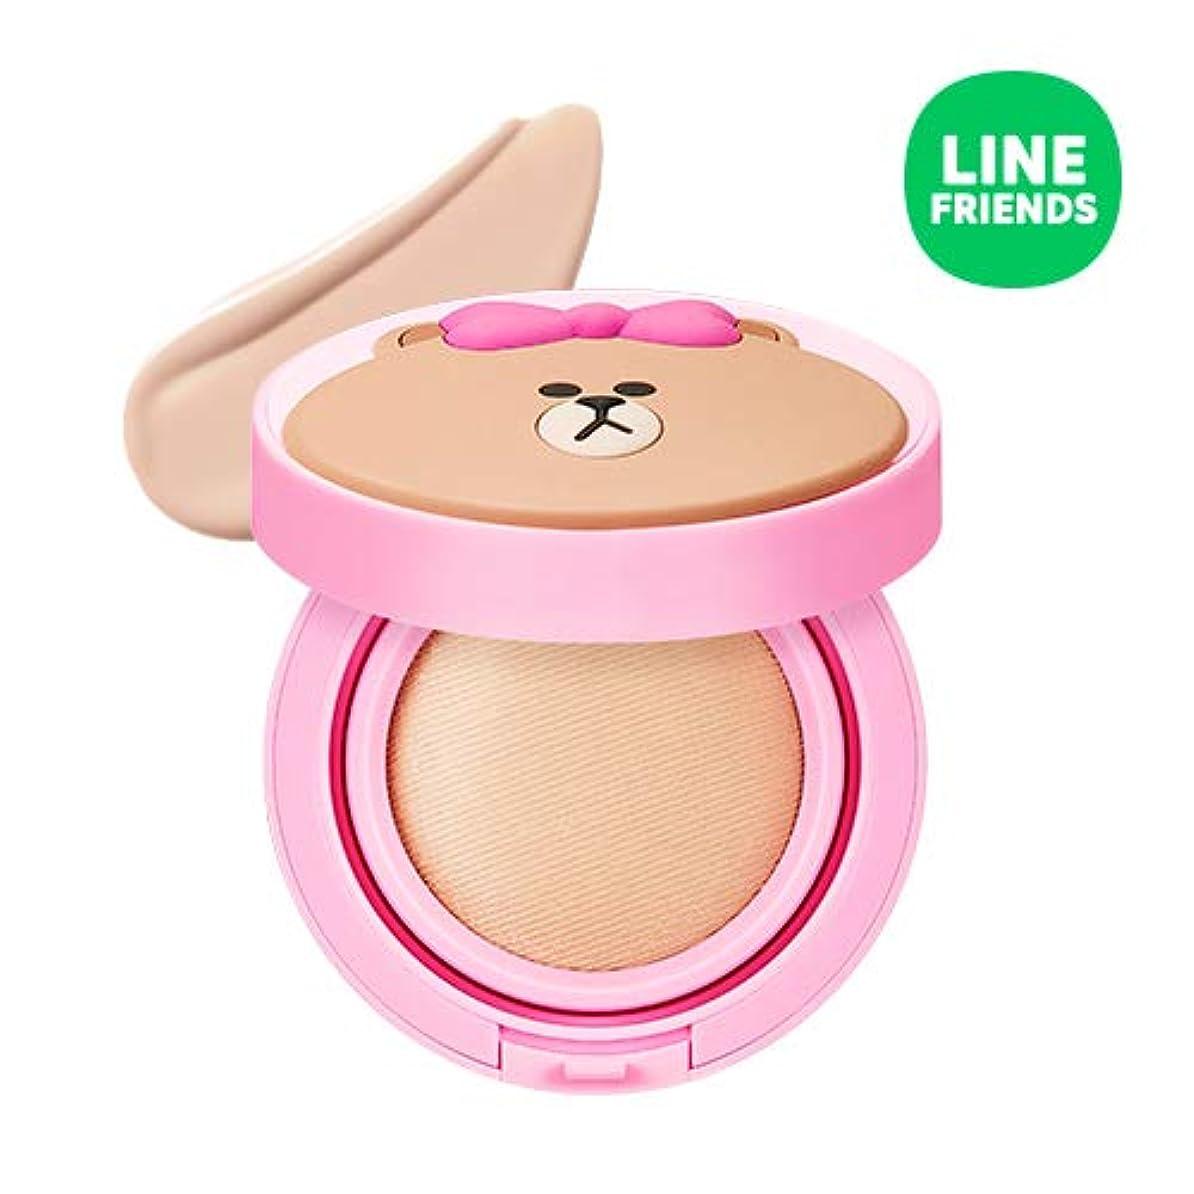 ビザクリエイティブ北西ミシャ(ラインフレンズ)グローテンション15g / MISSHA [Line Friends Edition] Glow Tension SPF50 PA+++ #Fair(Pink tone No.21) [並行輸入品]